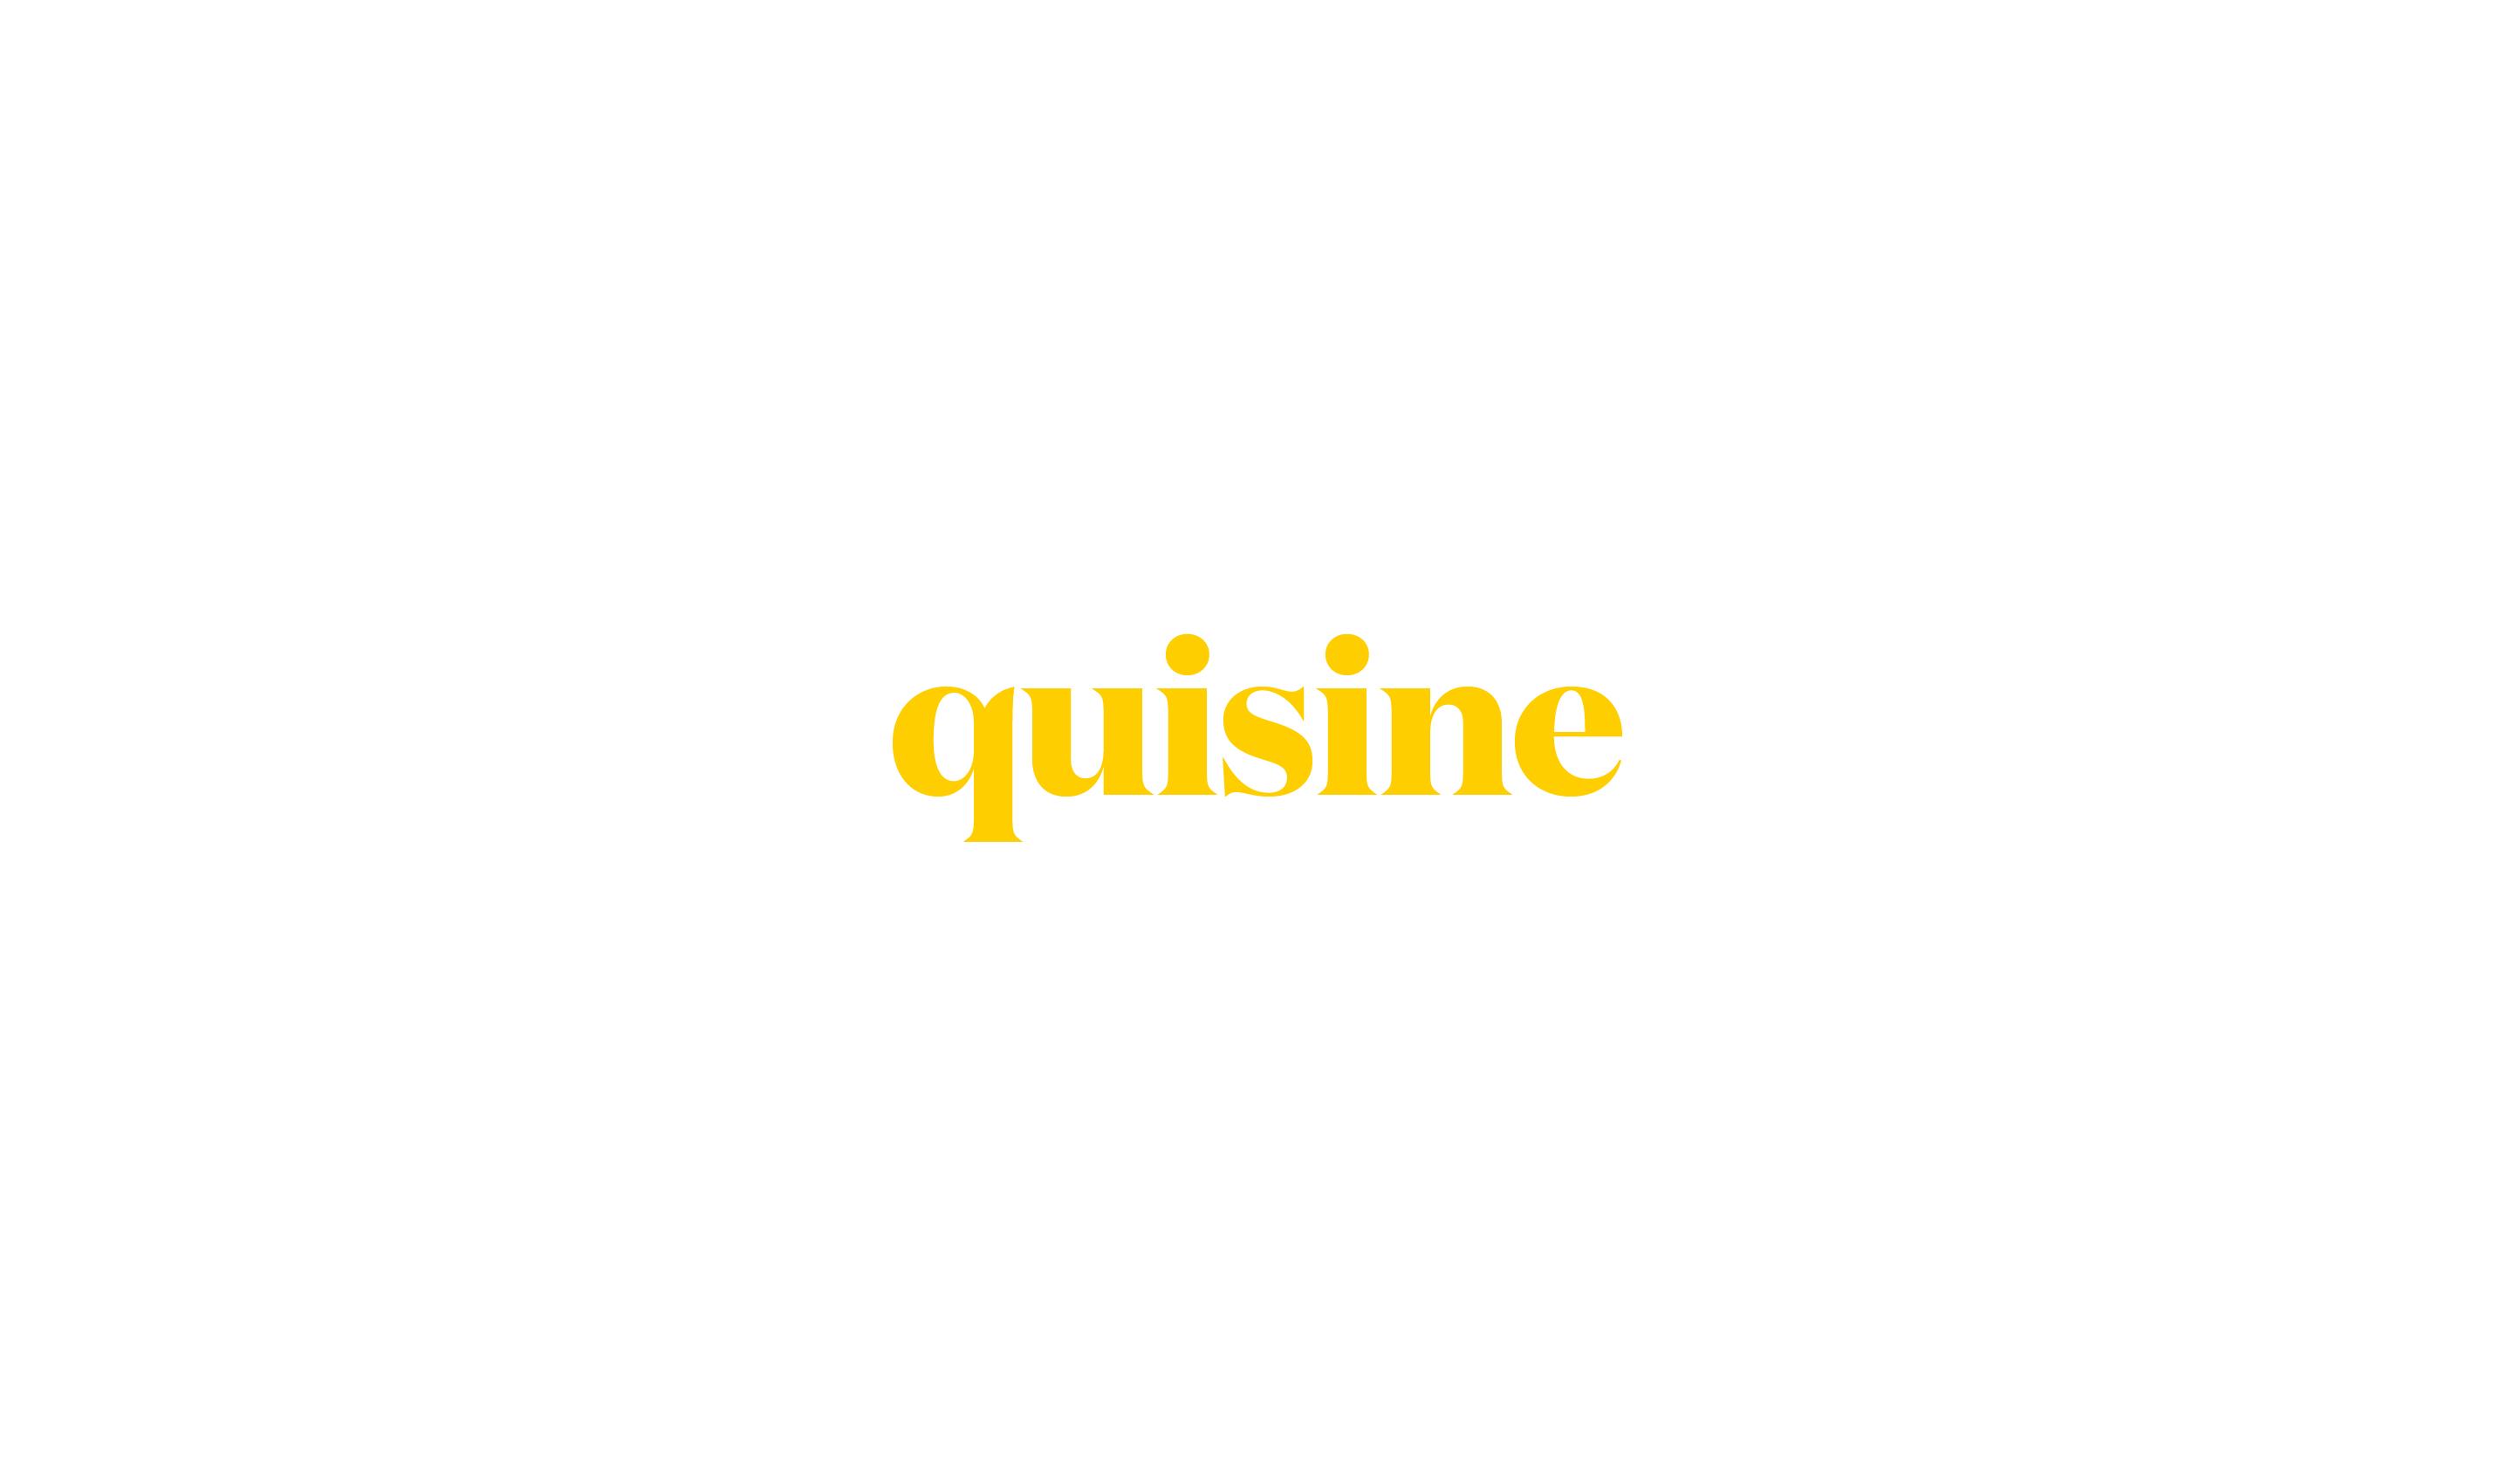 quisine logo design